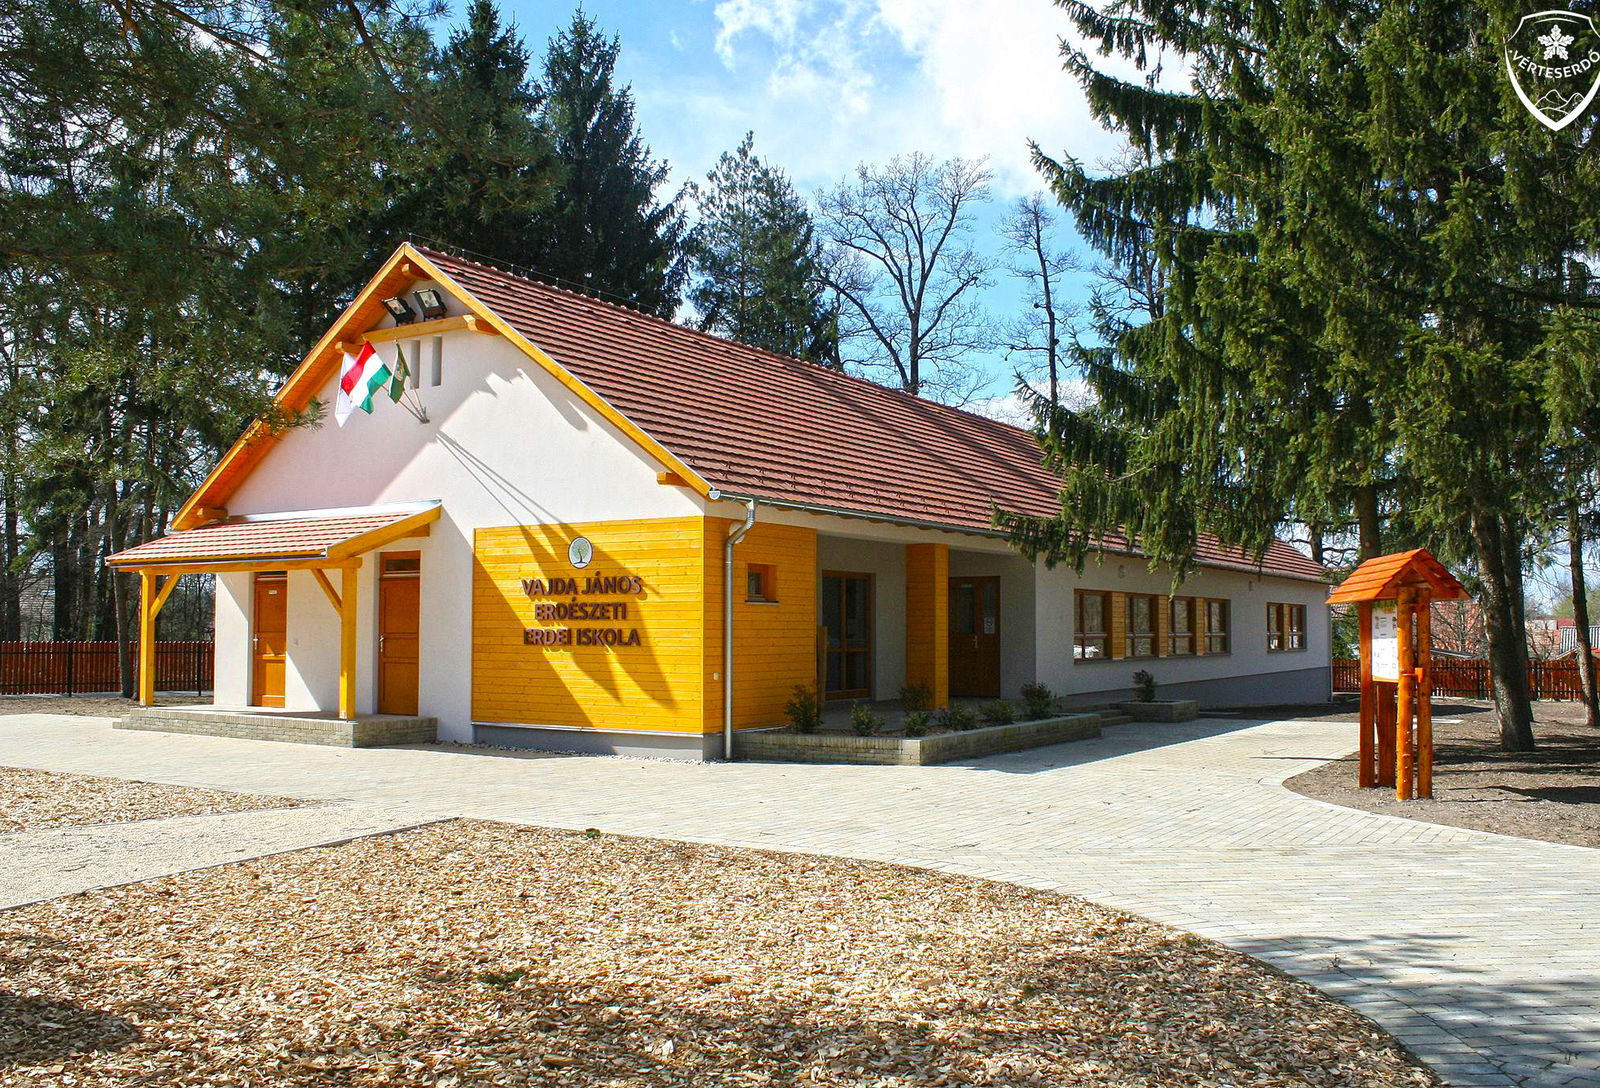 új erdő súlycsökkentő központ